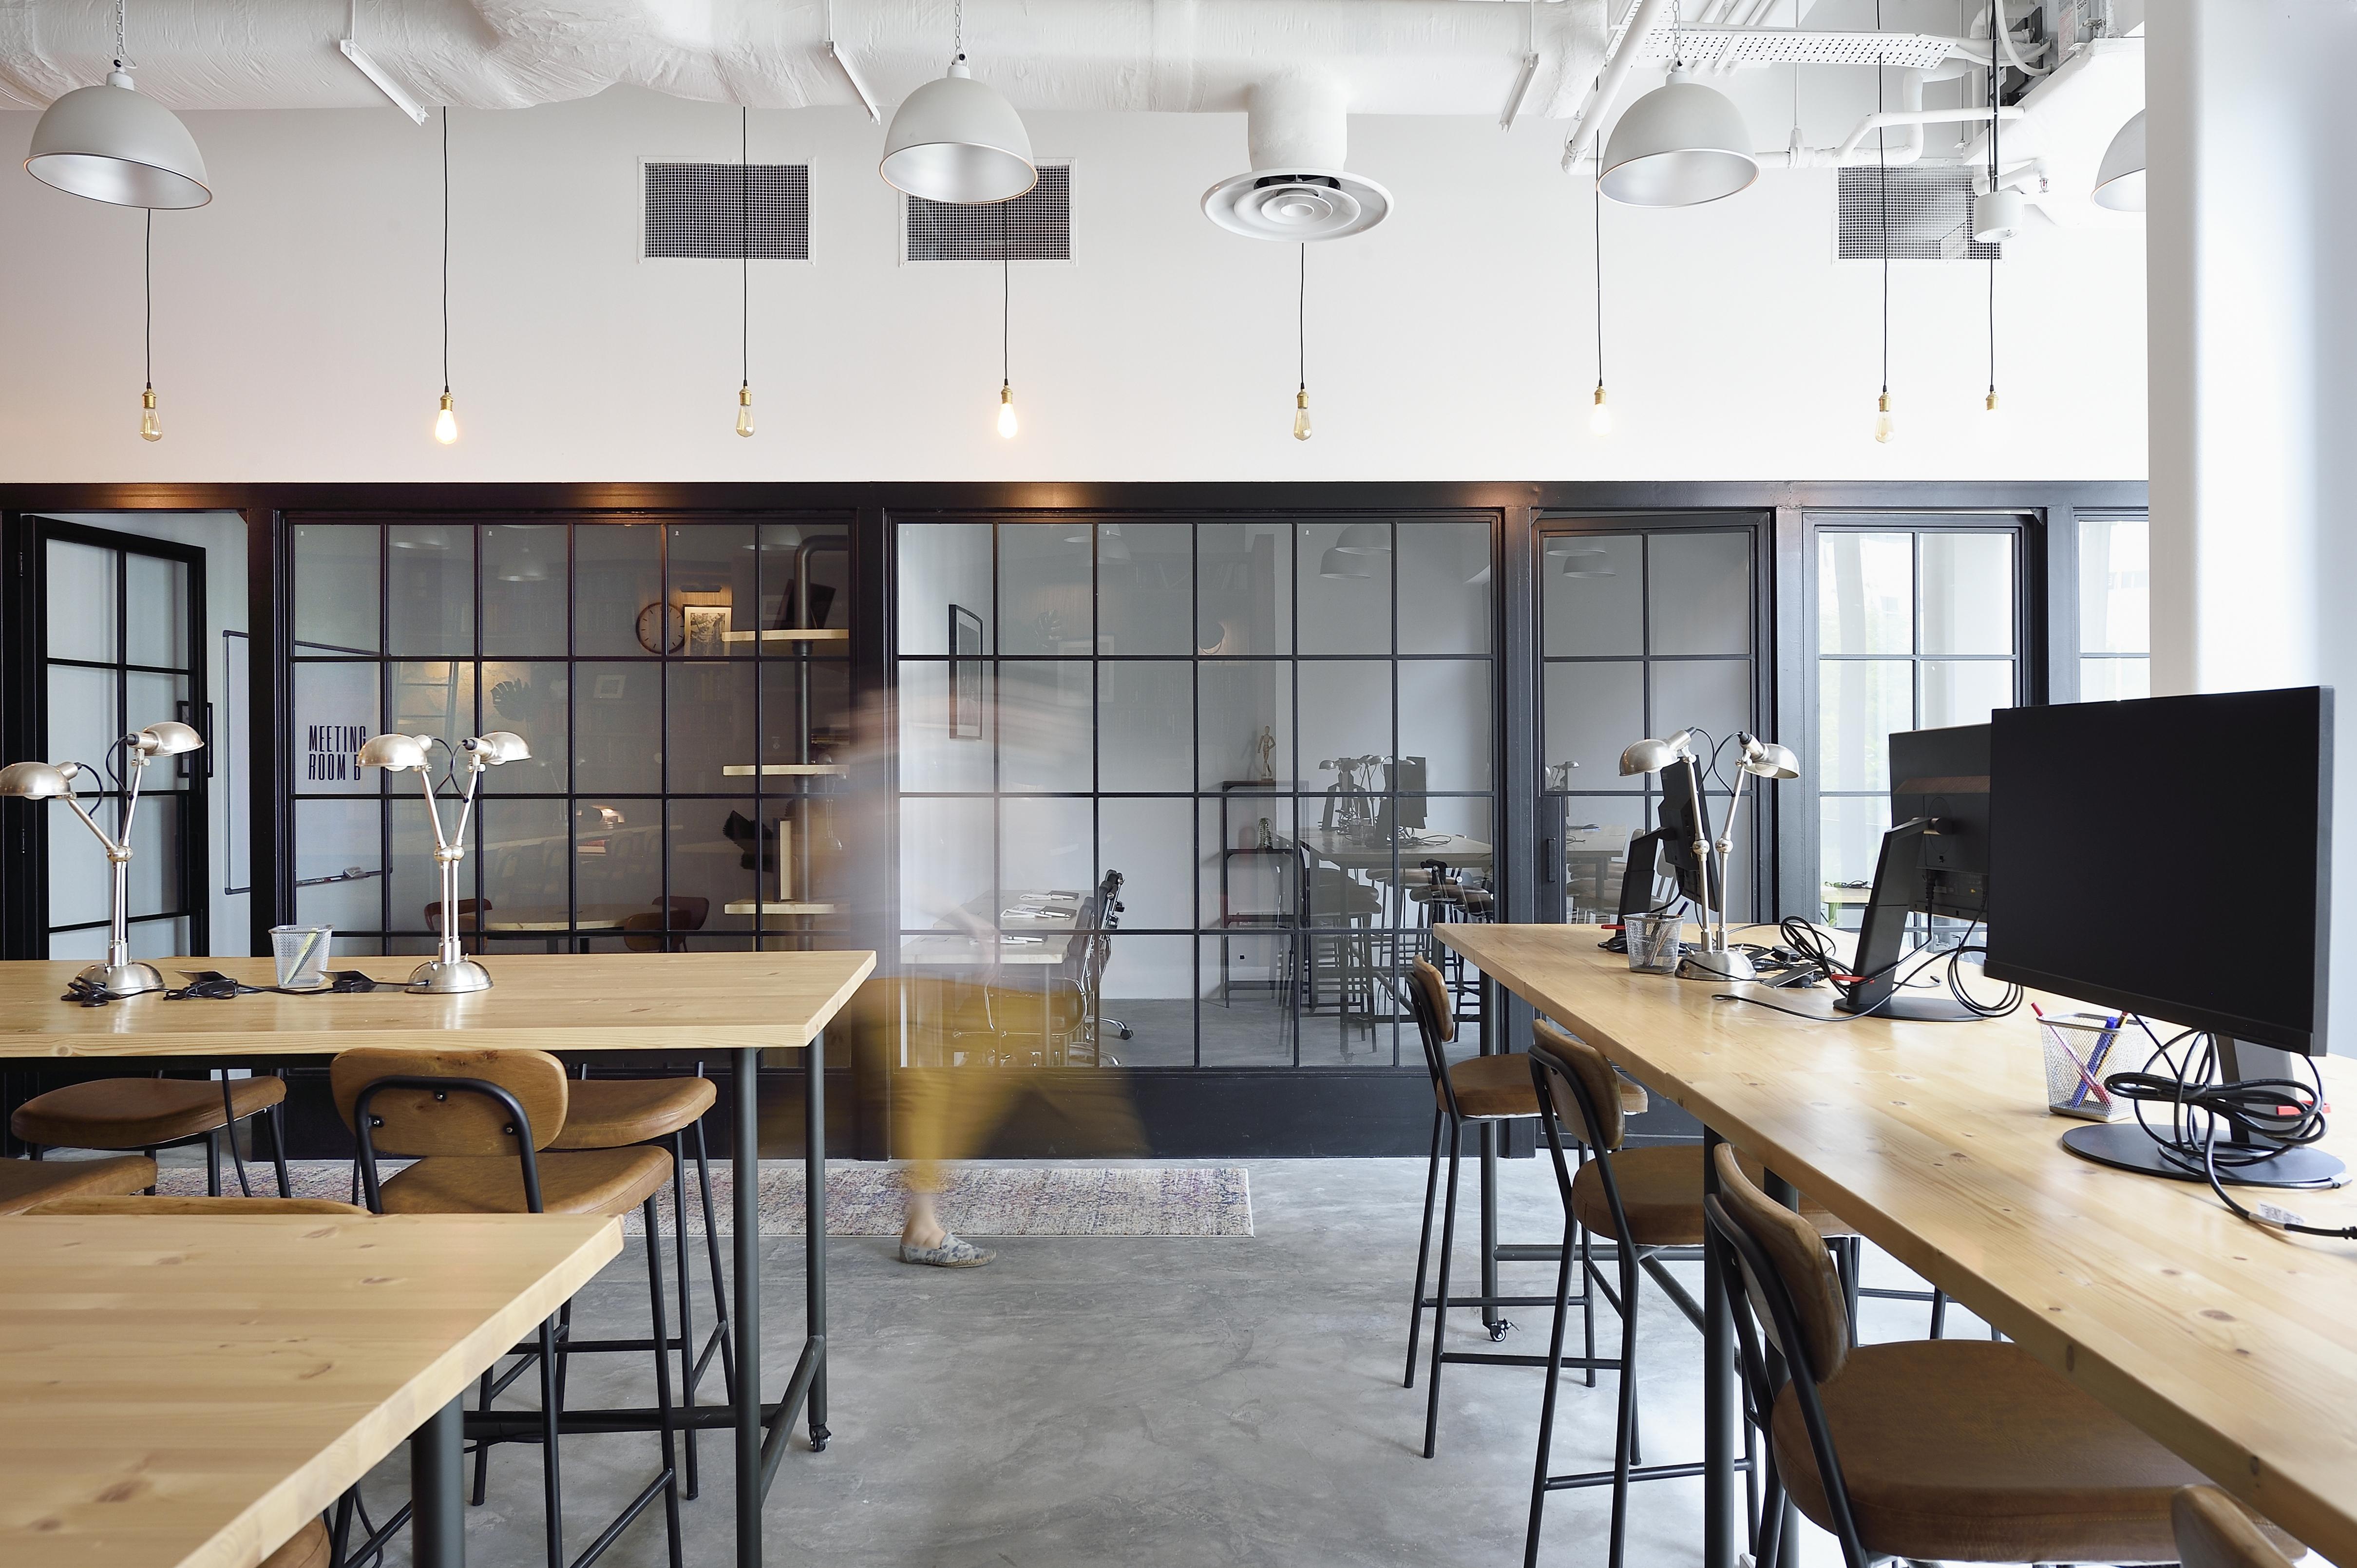 Coworking / flex office - Coworking Spaces in Nürnberg